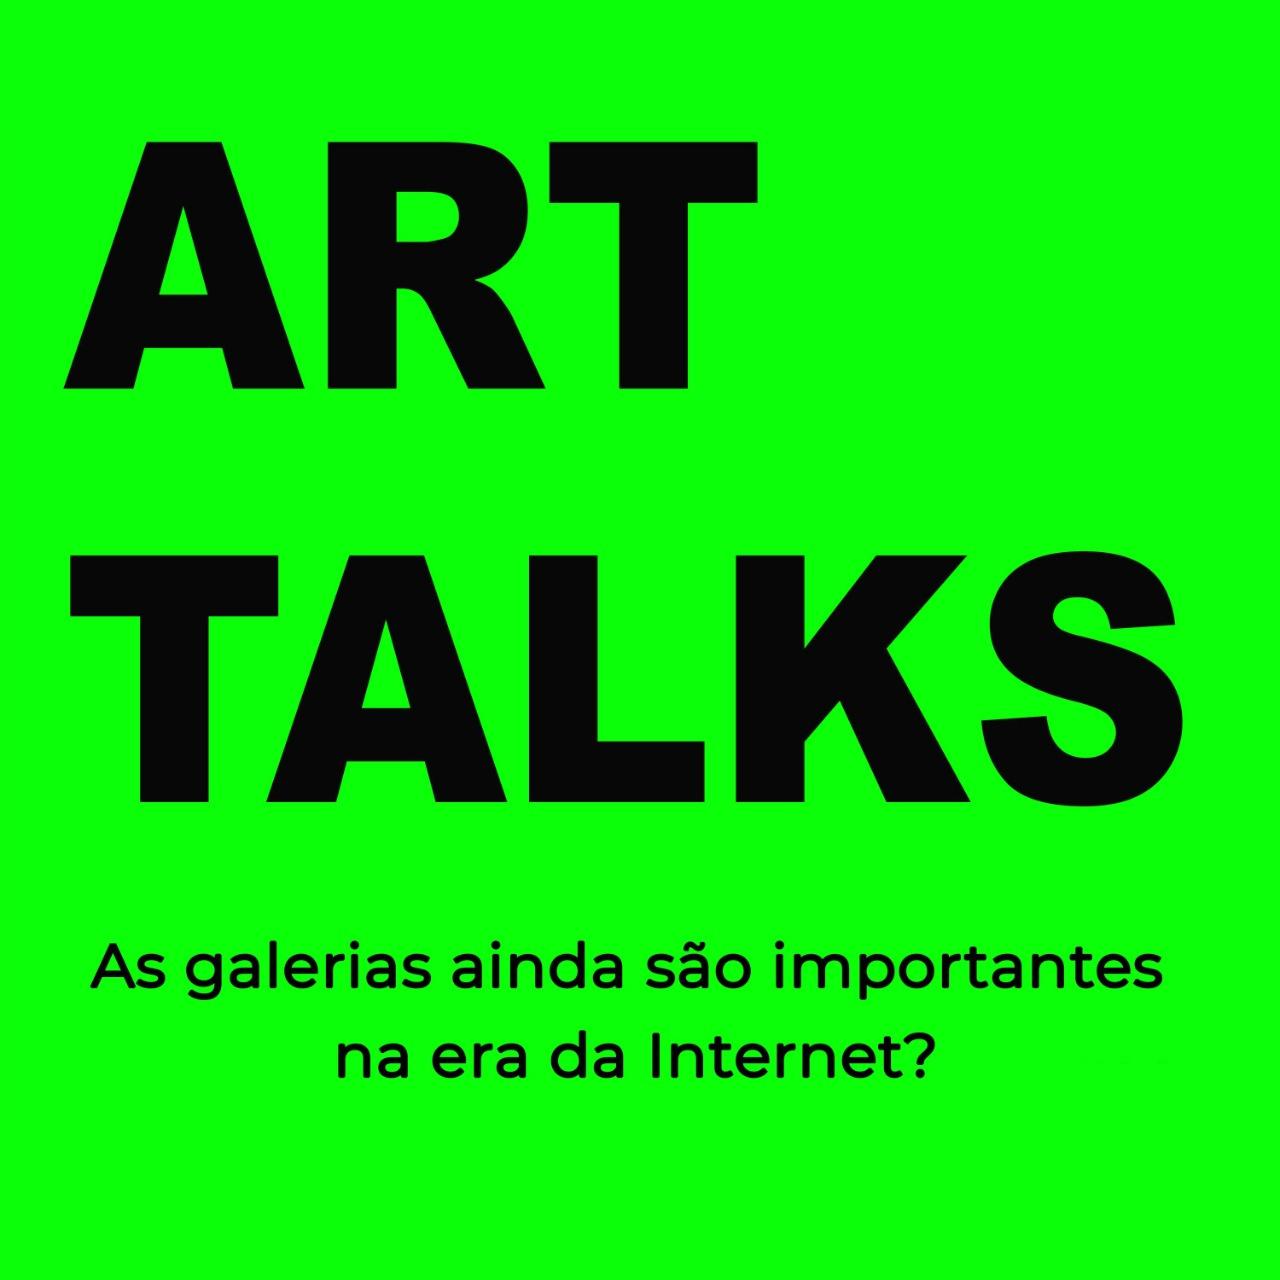 As galerias ainda são importantes na era da Internet?